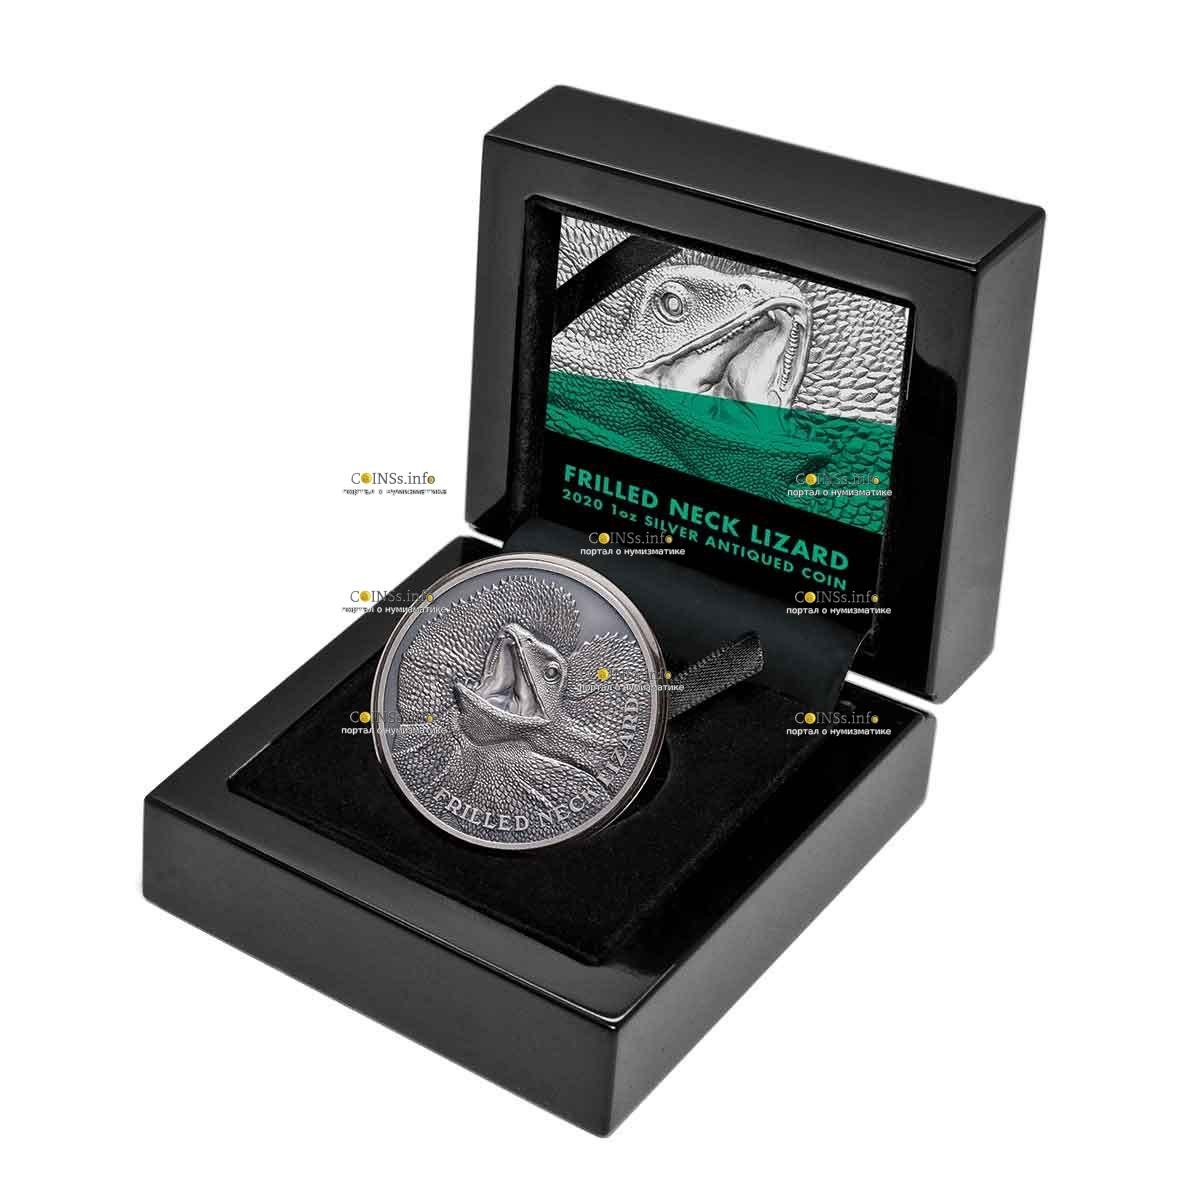 Ниуэ монета 1 доллар Плащеносная ящерица, подарочная упаковка